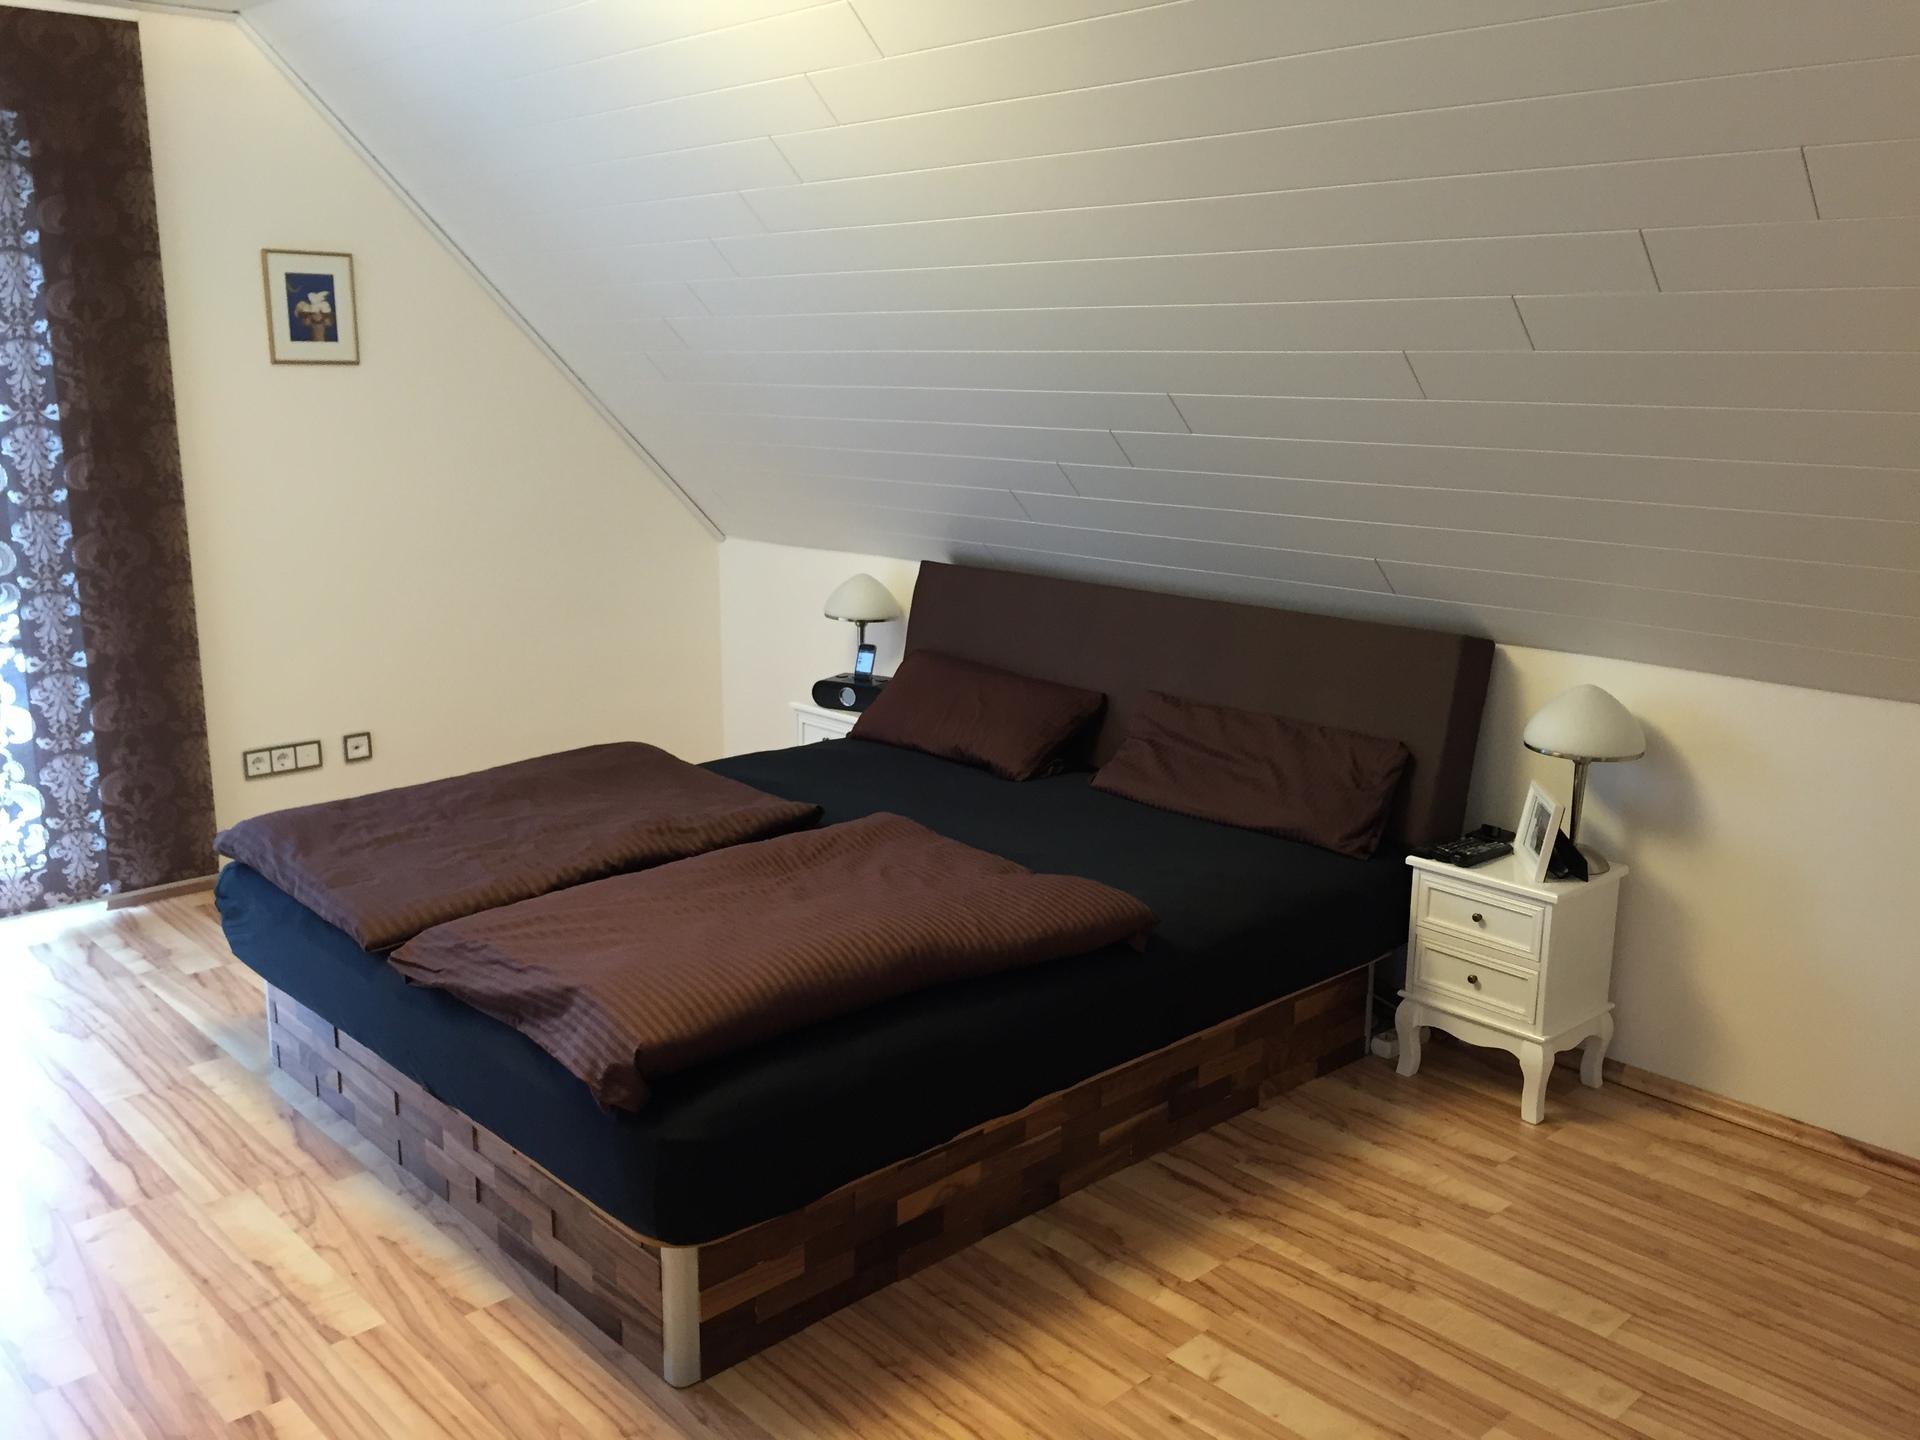 schlafzimmerwand schlafzimmerwand hifi. Black Bedroom Furniture Sets. Home Design Ideas